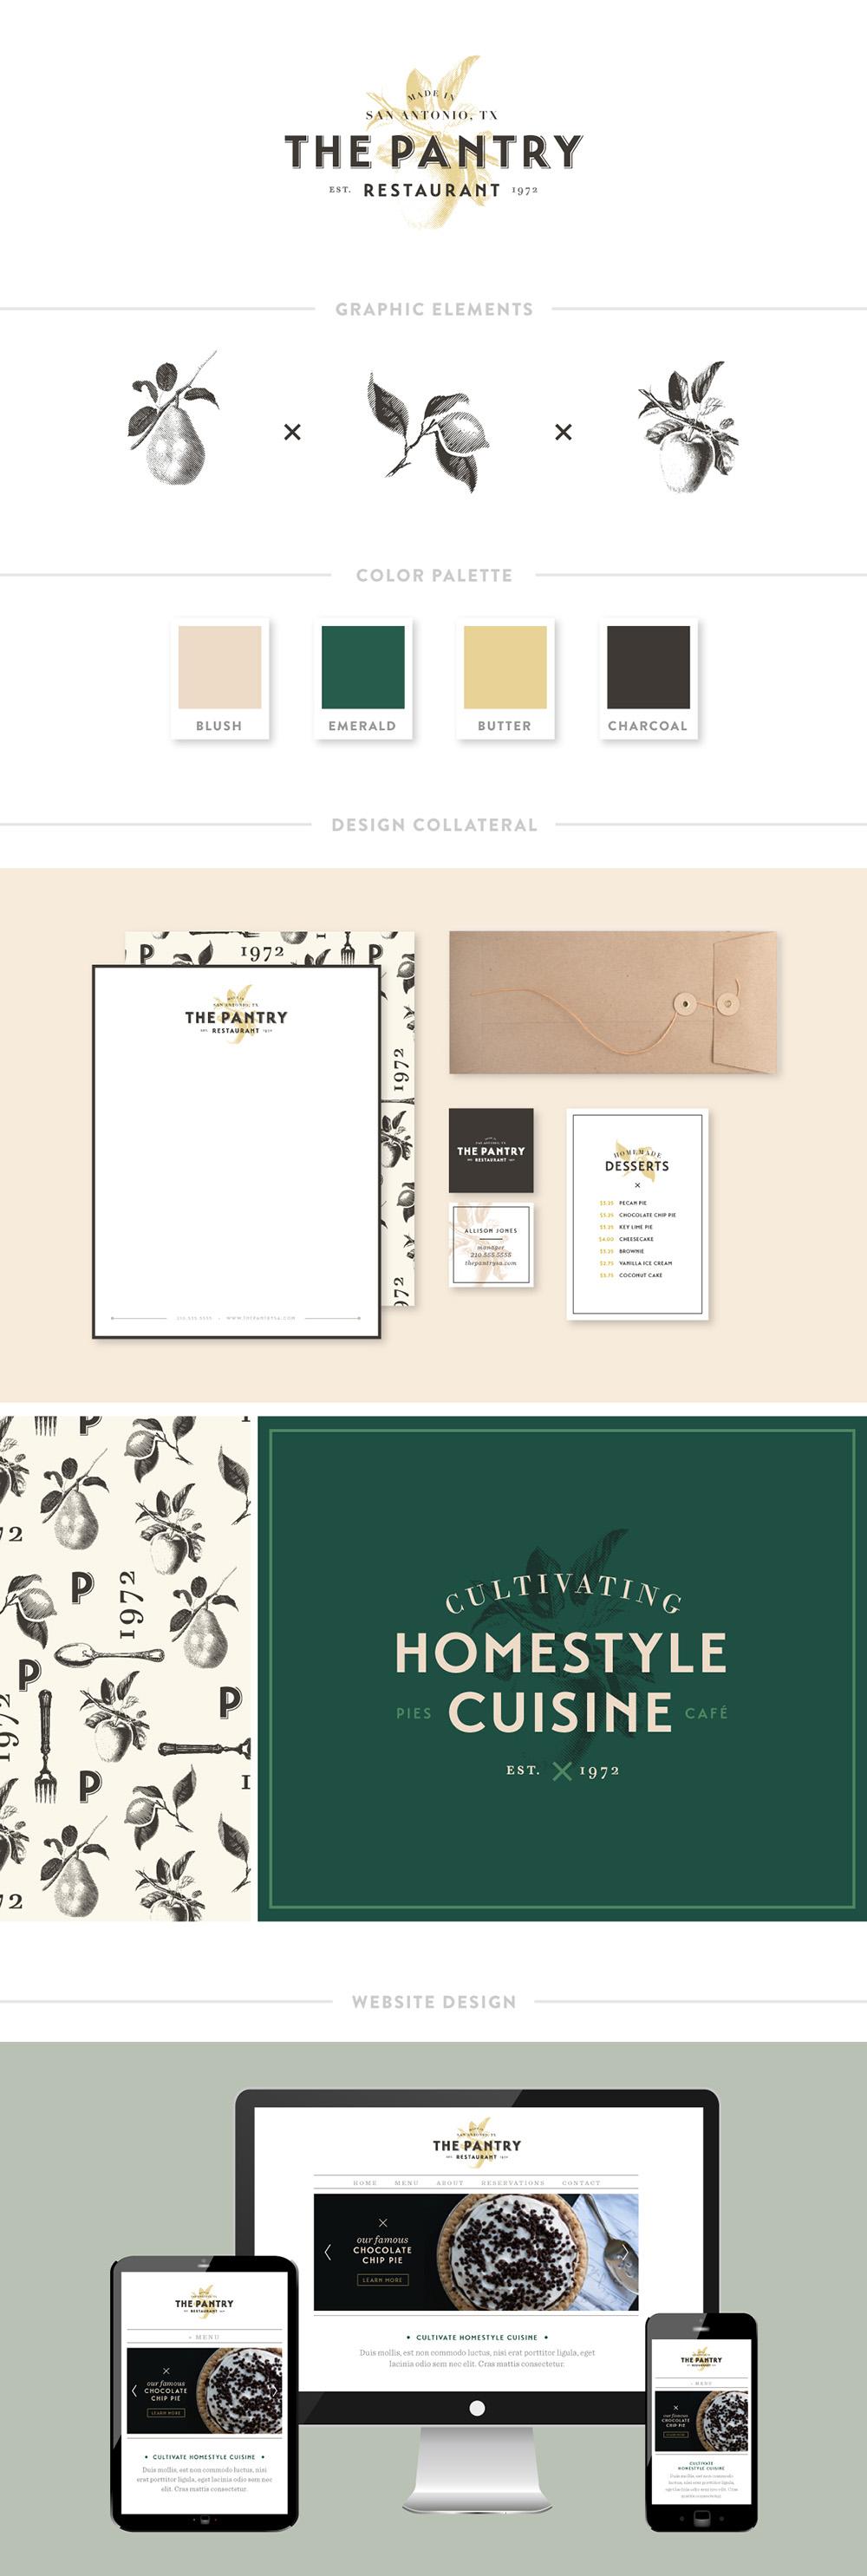 The Pantry Restaurant Branding | Spruce Rd. #branding #restaurant #restaurantbranding #webdesign #logo #identity